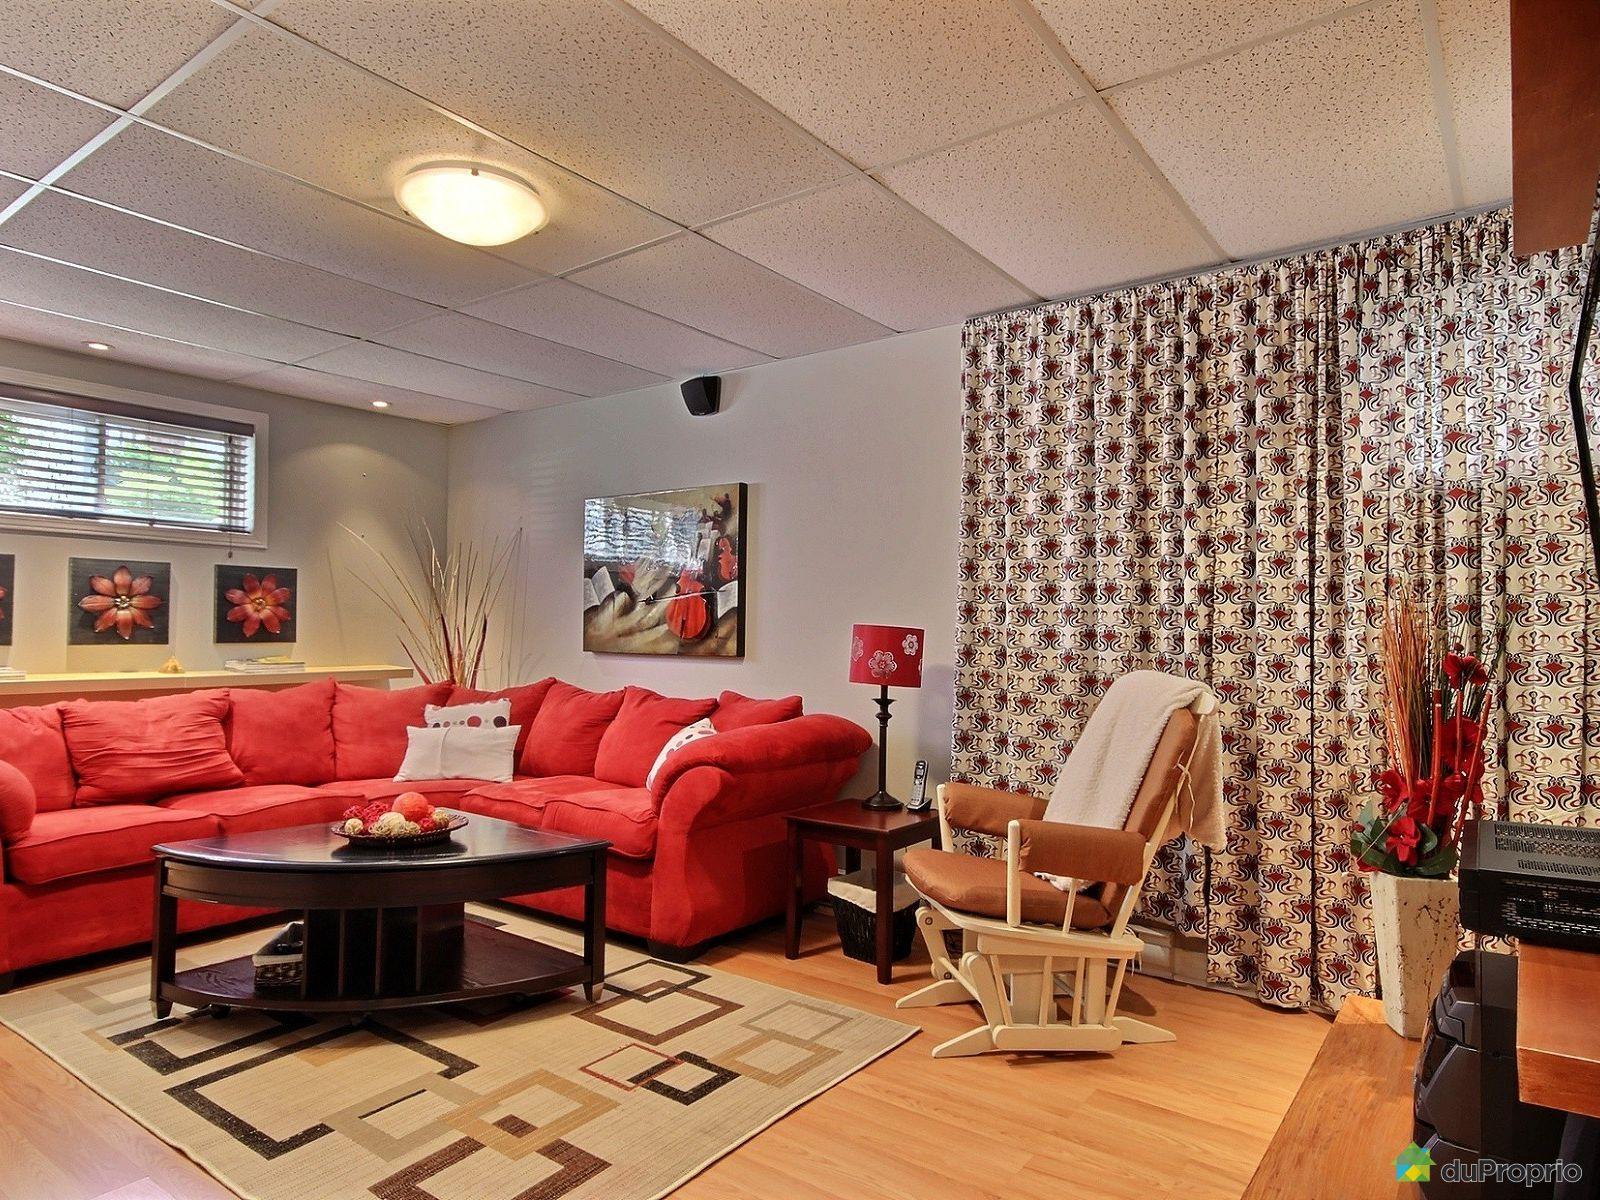 meuble de tv a vendre meubles de design d 39 inspiration pour la t l vision et d. Black Bedroom Furniture Sets. Home Design Ideas